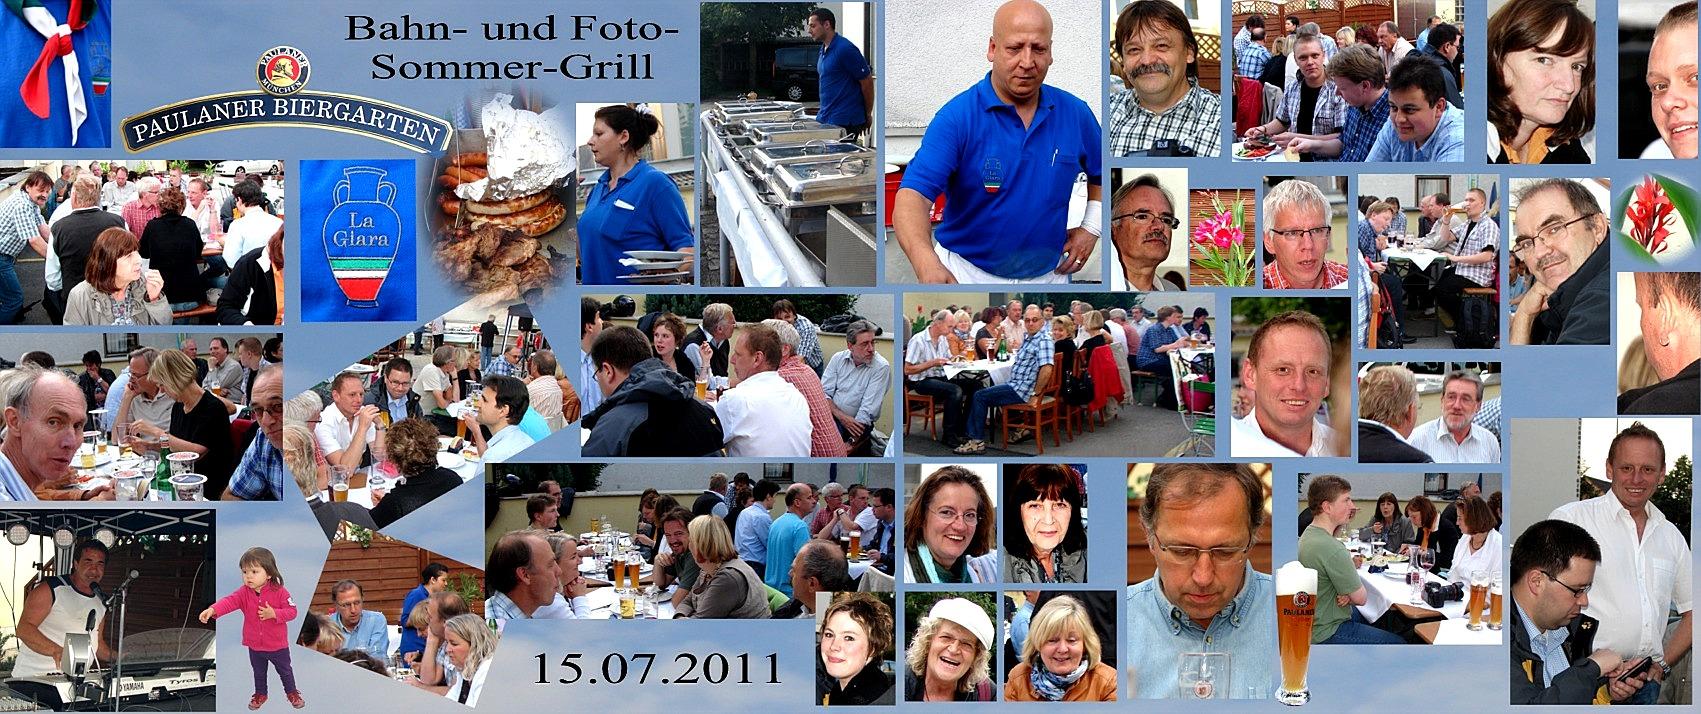 Bahn-Foto-Sommer-Grillabend-Treffen